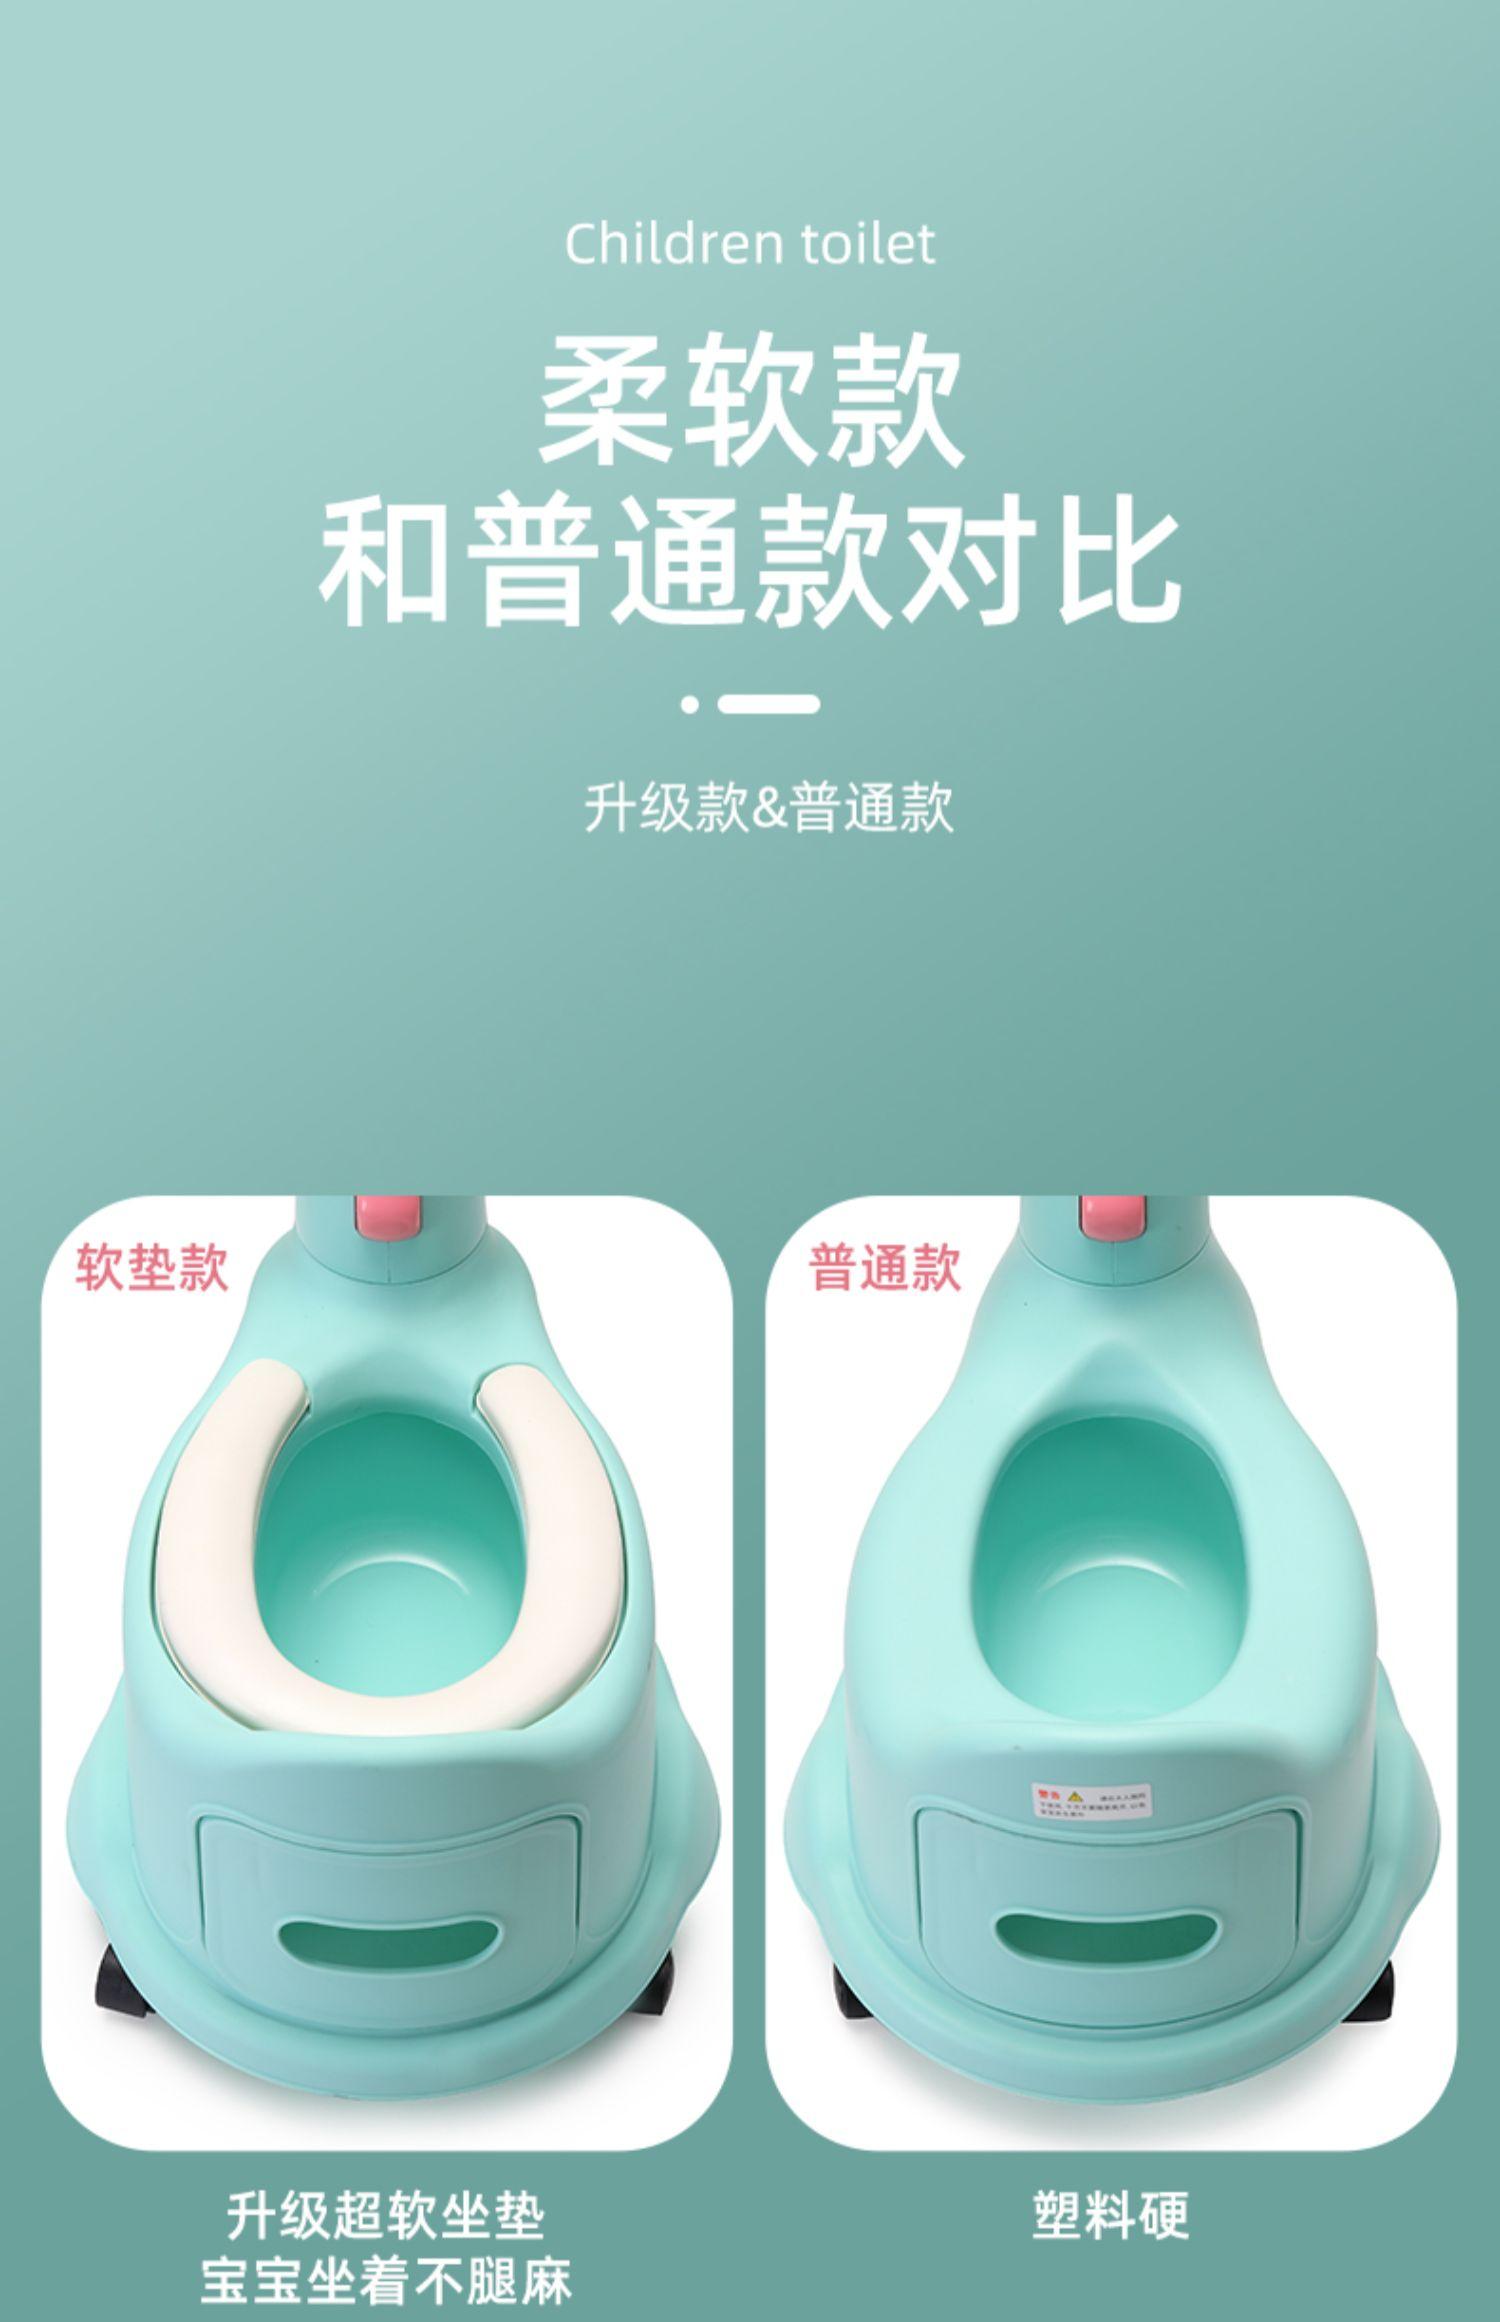 儿童马桶坐便器男孩女宝宝小孩婴儿幼儿专用便盆尿盆尿桶家用大号详细照片